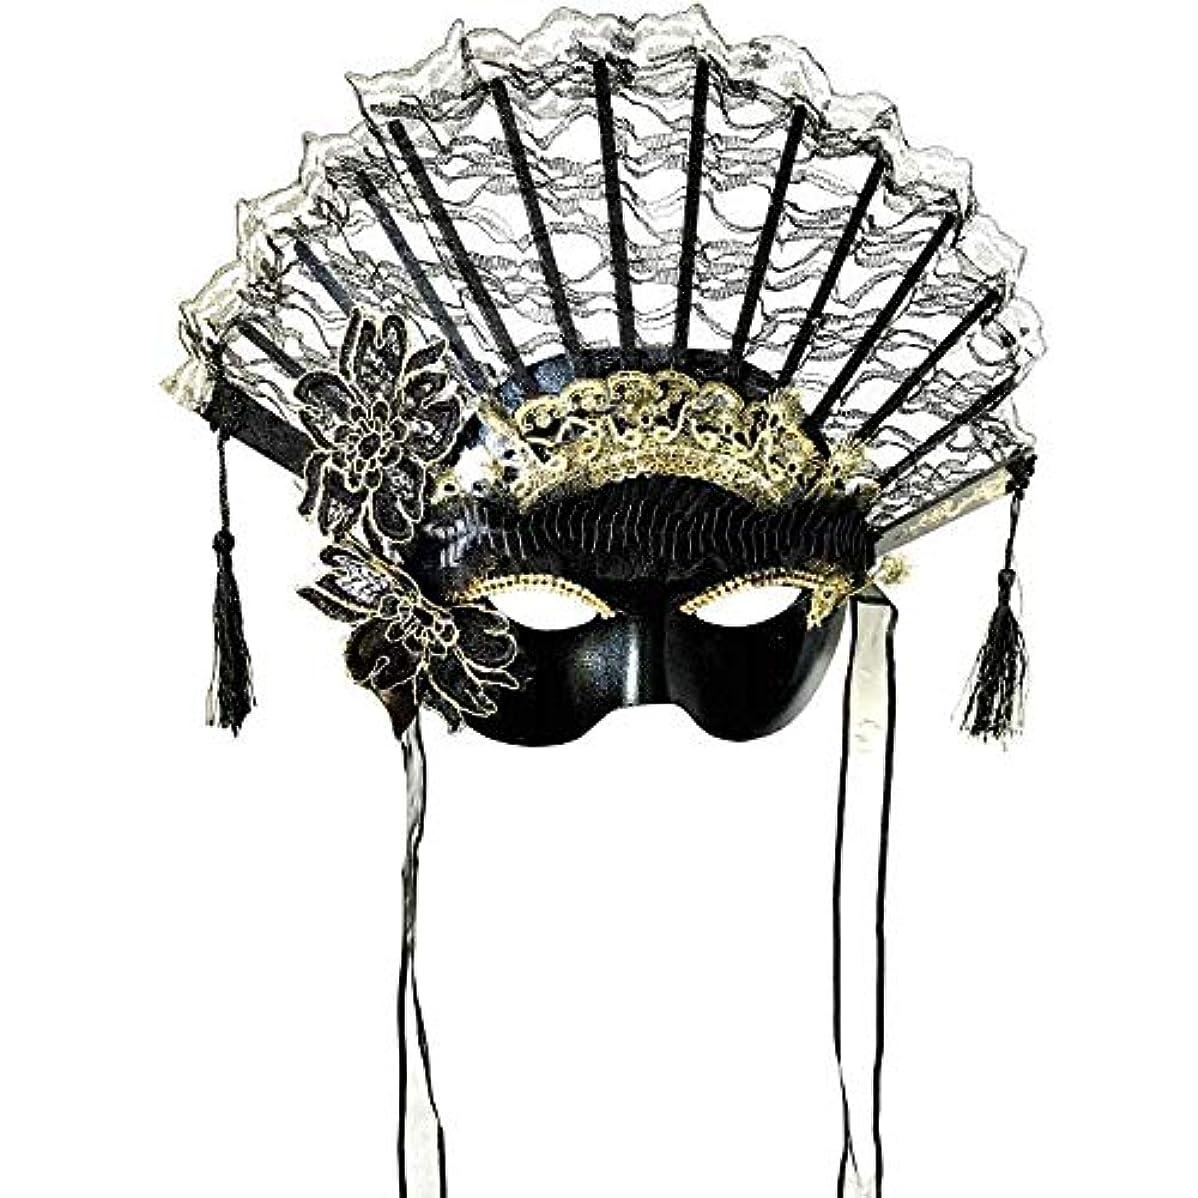 幼児挽く楽しむNanle ハロウィンクリスマスレースファンシェイプフラワーフリンジビーズマスク仮装マスクレディミスプリンセス美容祭パーティーデコレーションマスク (色 : Black B)